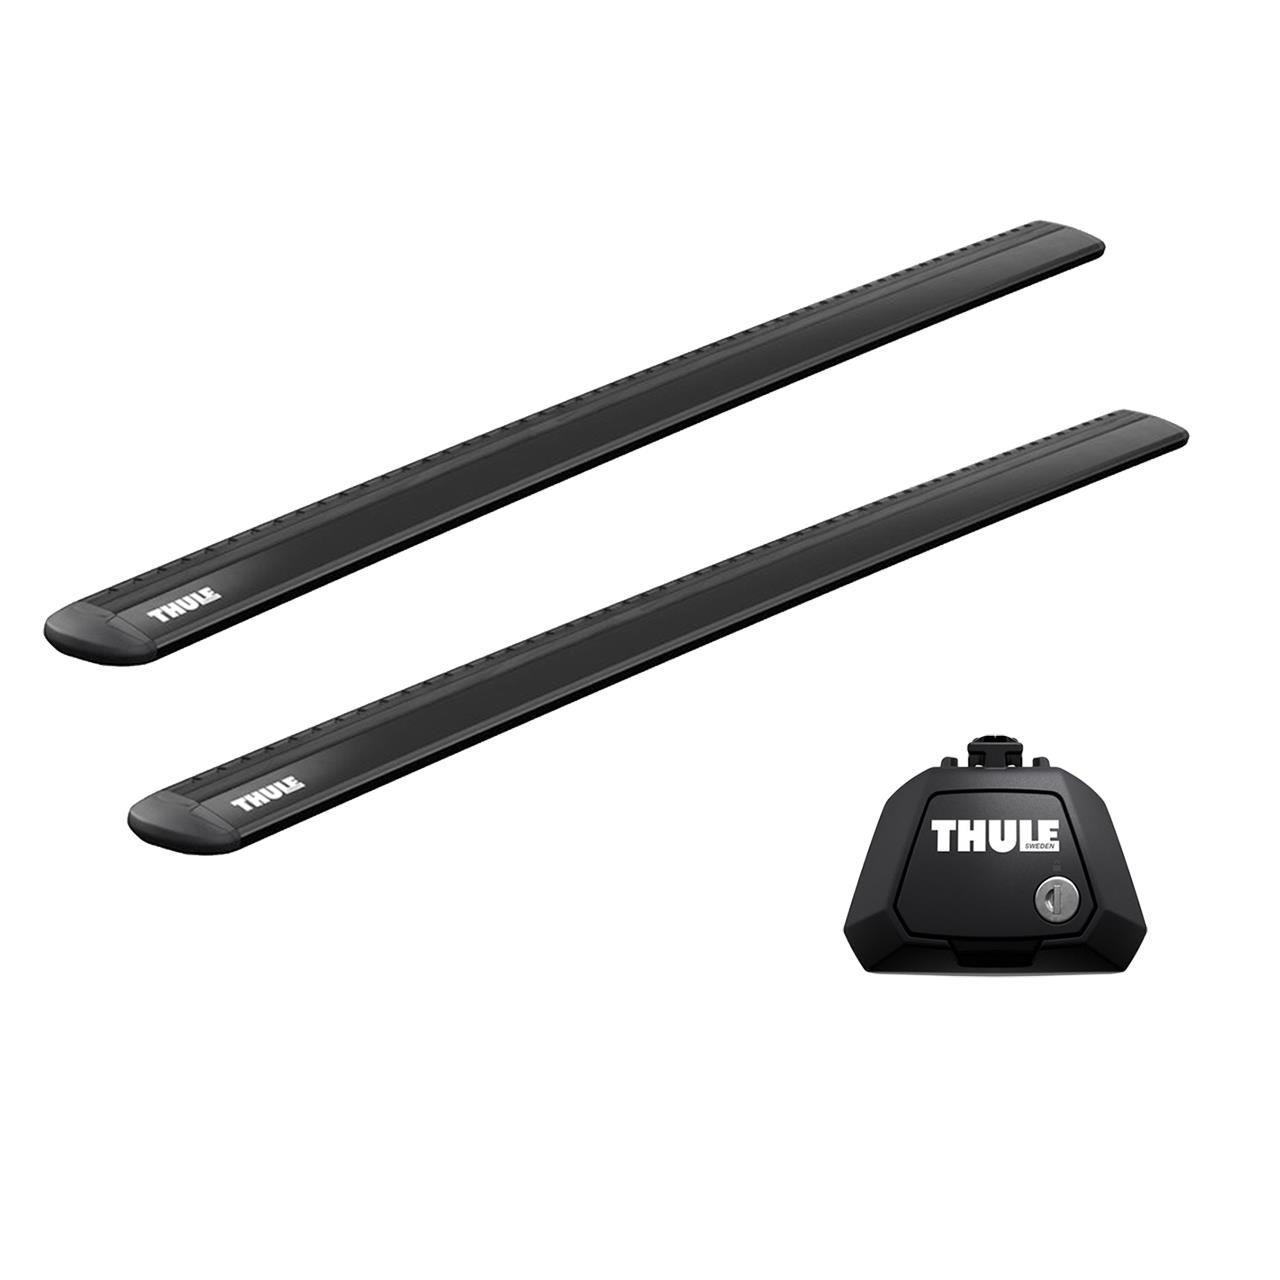 Напречни греди Thule Evo Raised Rail WingBar Evo 127cm в Черно за DODGE Journey 5 врати SUV 08-11 с фабрични надлъжни греди с просвет 1